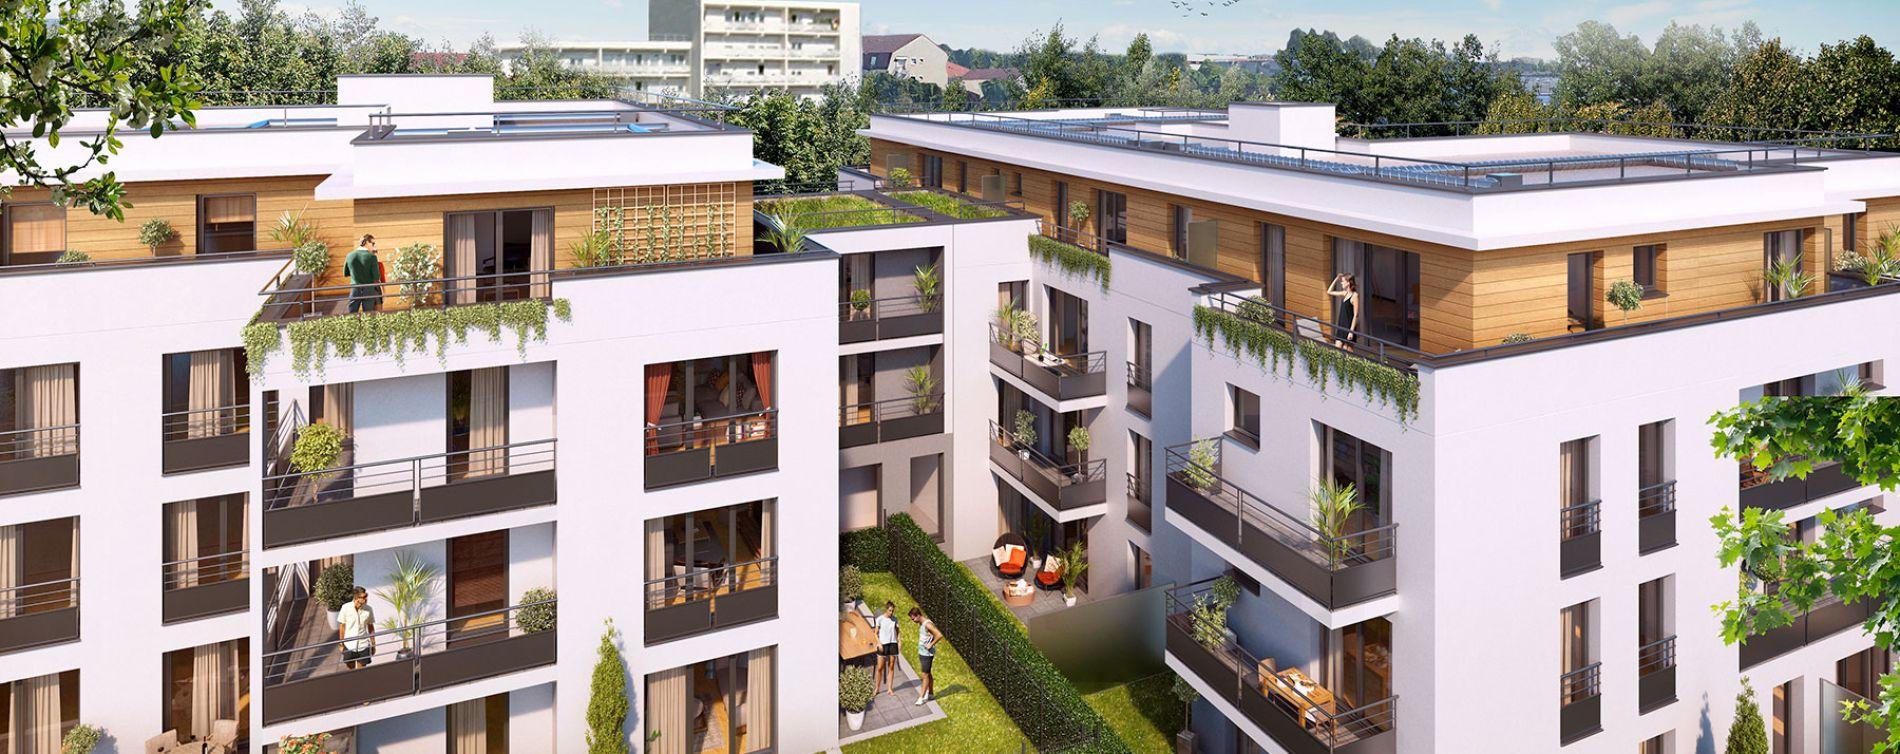 Longjumeau : programme immobilier neuve « Villa Bertillon » (4)